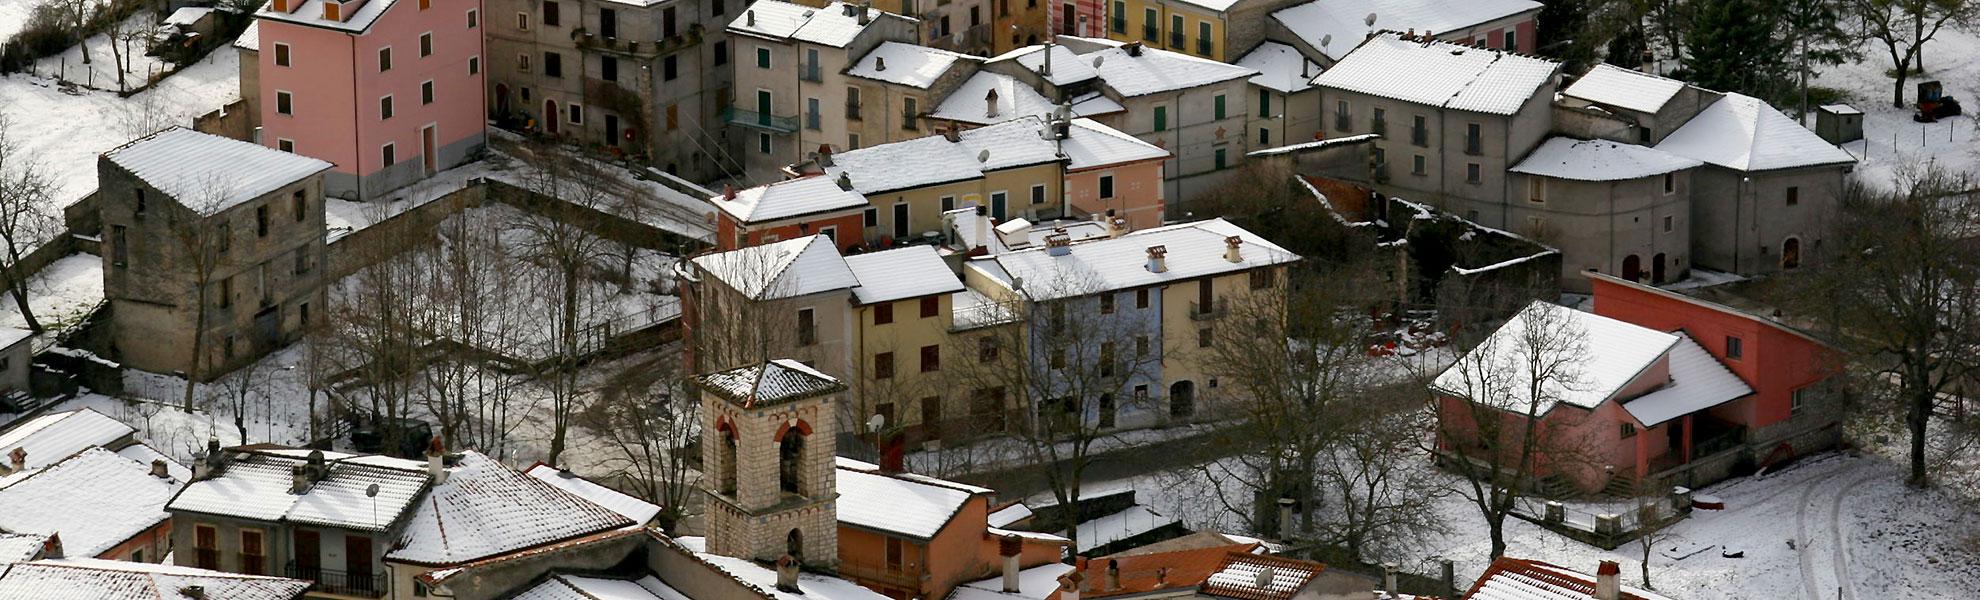 Vallemare